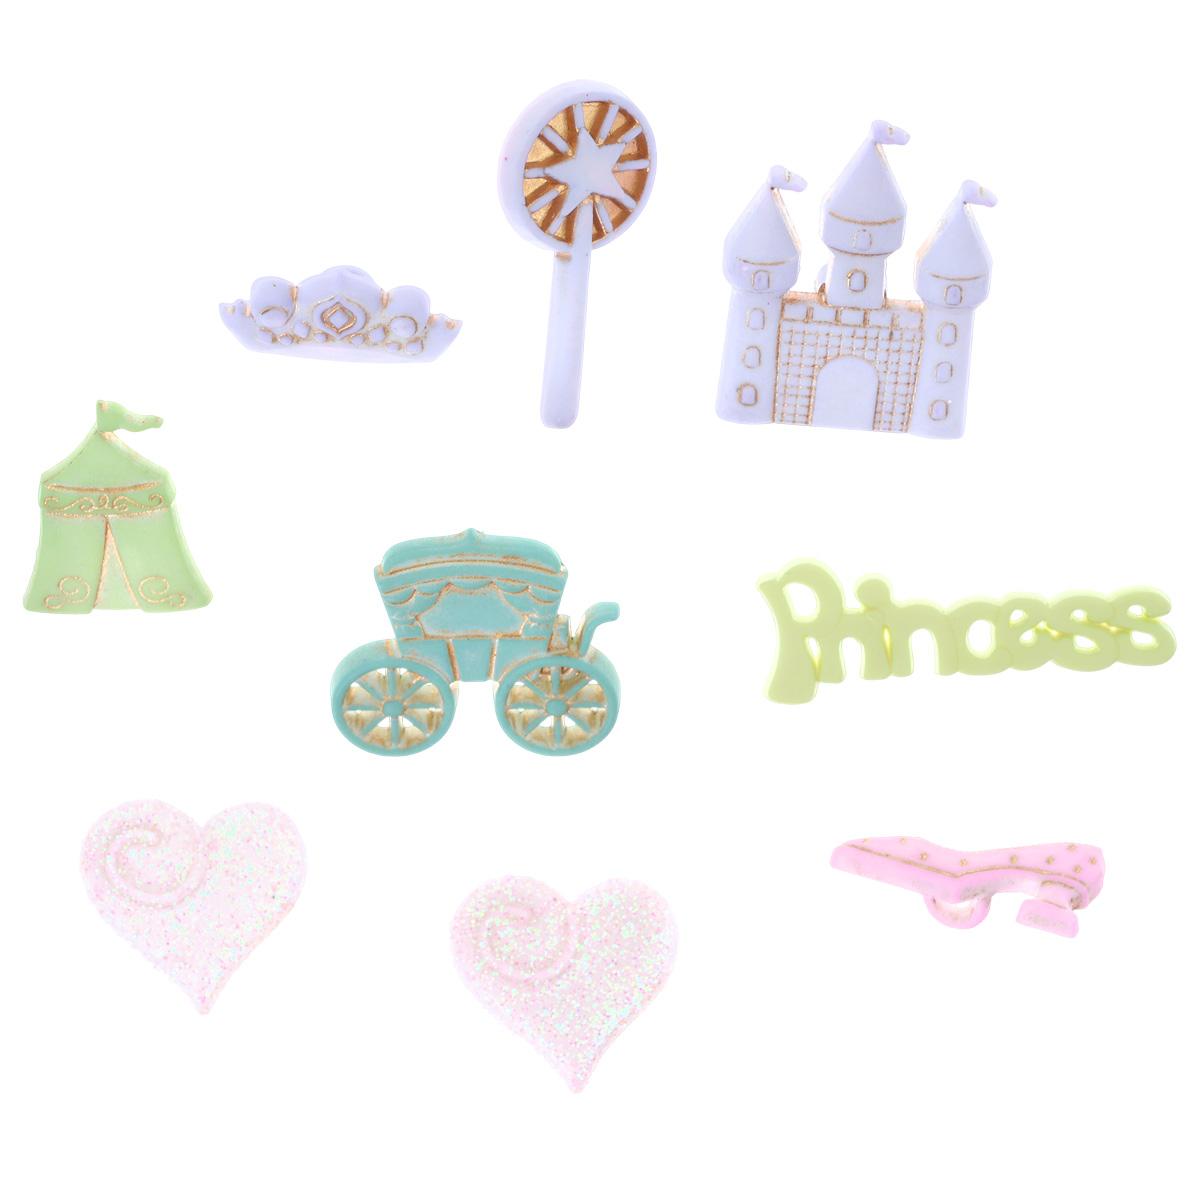 Пуговицы декоративные Buttons Galore & More Принцесса, 9 шт7708802Набор Buttons Galore & More Принцесса состоит из 8 декоративных пуговиц на ножке и одного декоративного элемента, который можно приклеить. Все элементы выполнены из пластика в форме разнообразных фигур. Такие пуговицы подходят для любых видов творчества: скрапбукинга, декорирования, шитья, изготовления кукол, а также для оформления одежды. С их помощью вы сможете украсить открытку, фотографию, альбом, подарок и другие предметы ручной работы. Пуговицы разных цветов имеют оригинальный и яркий дизайн. Средний размер элемента: 2 см х 2 см х 0,3 см.